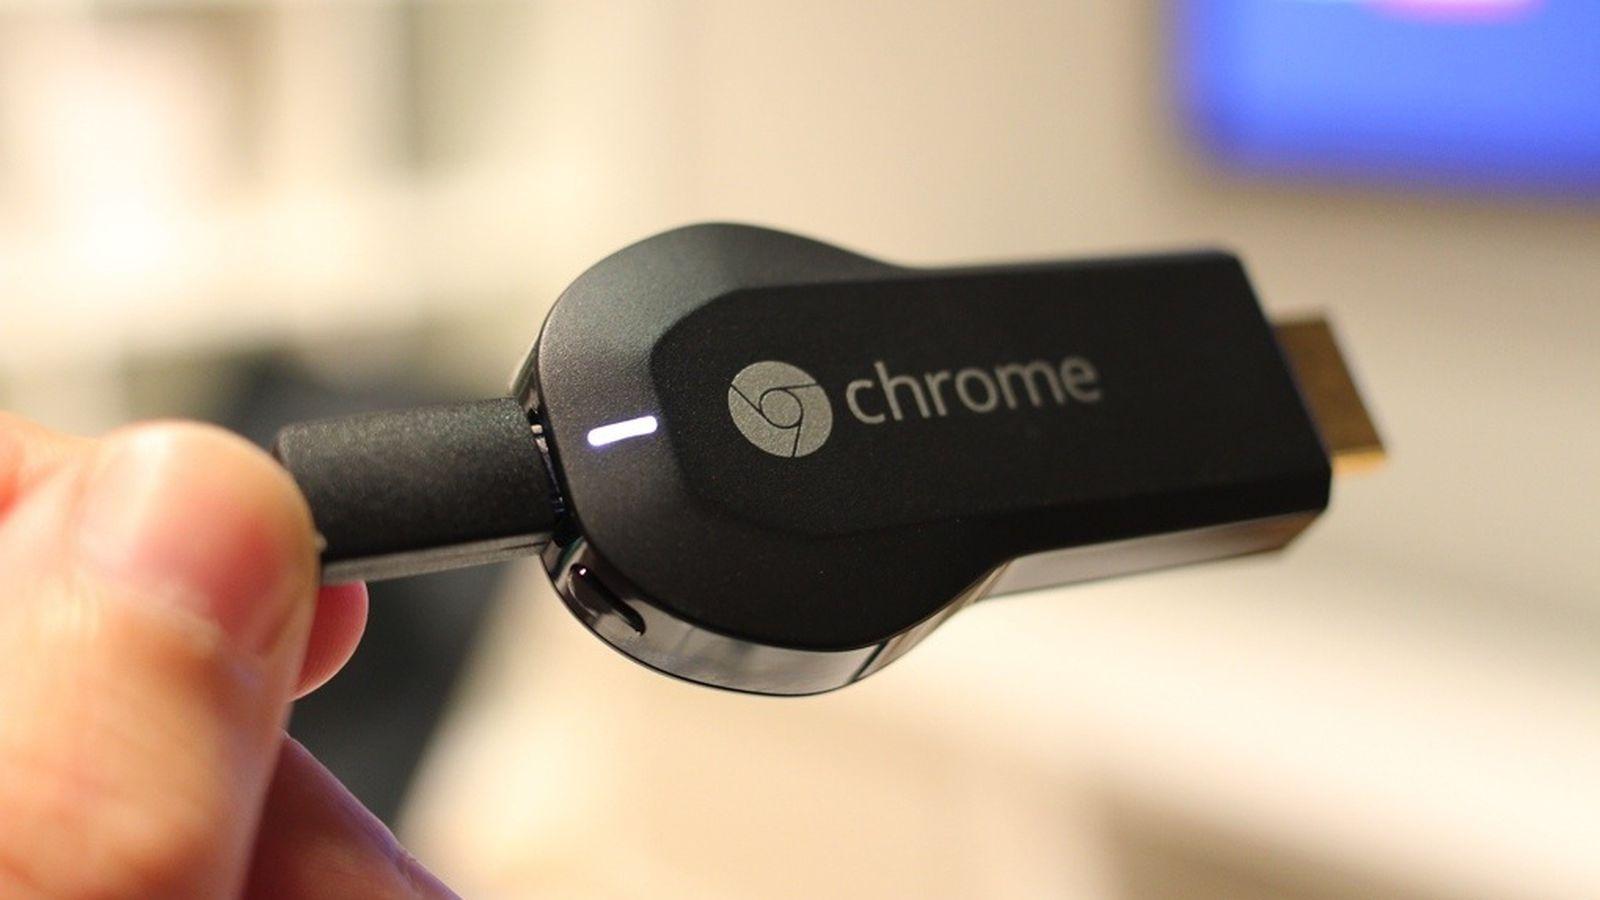 Vox Now Chromecast